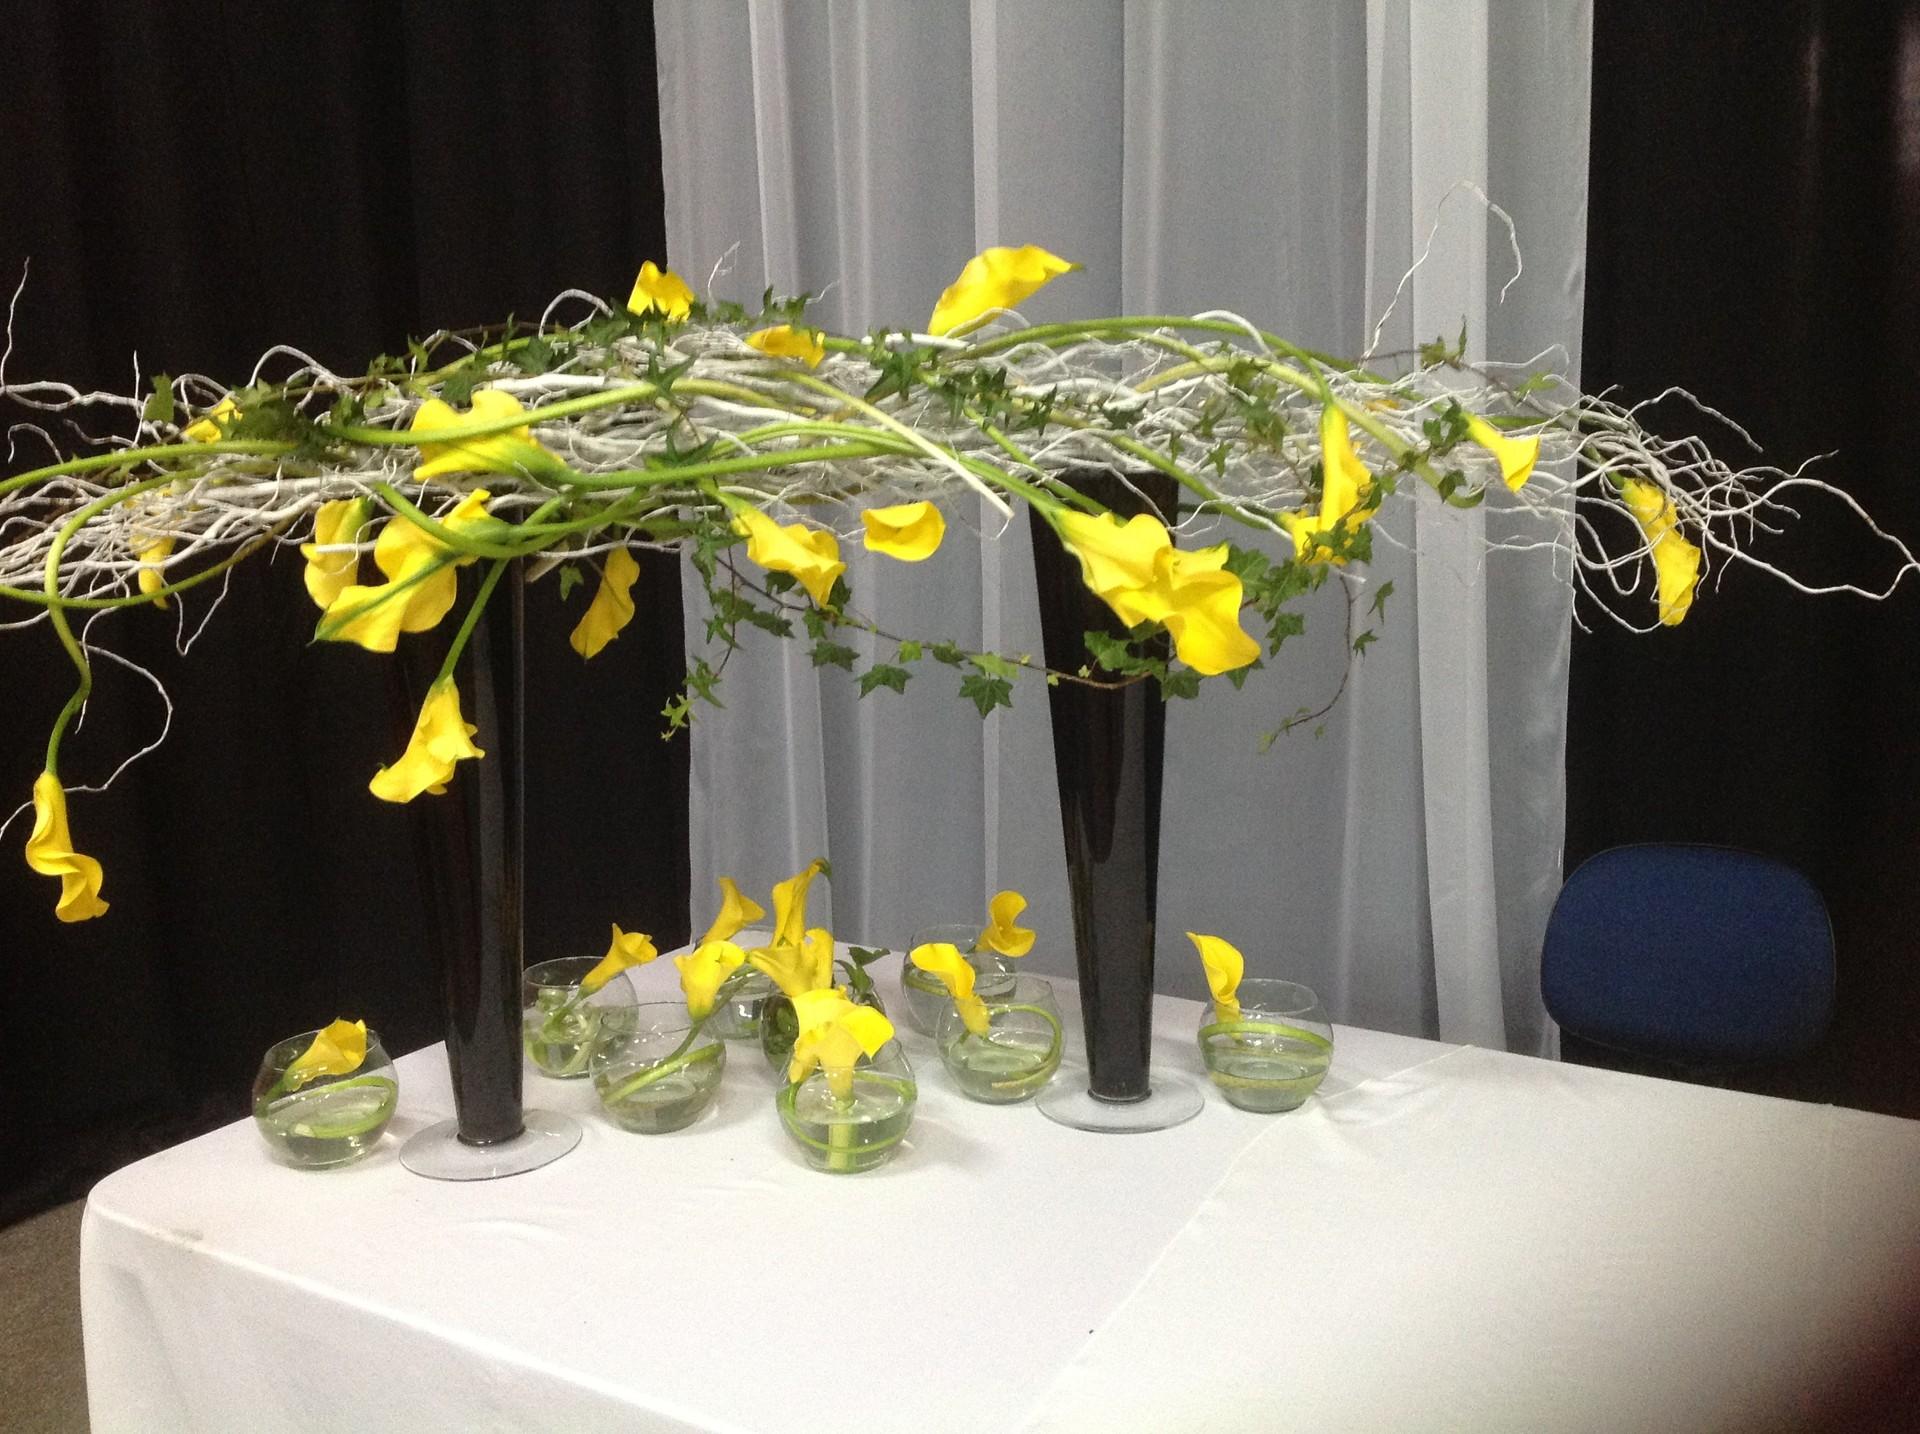 arranjo de flores (Foto: Léo Mendes e Tânia Santos)